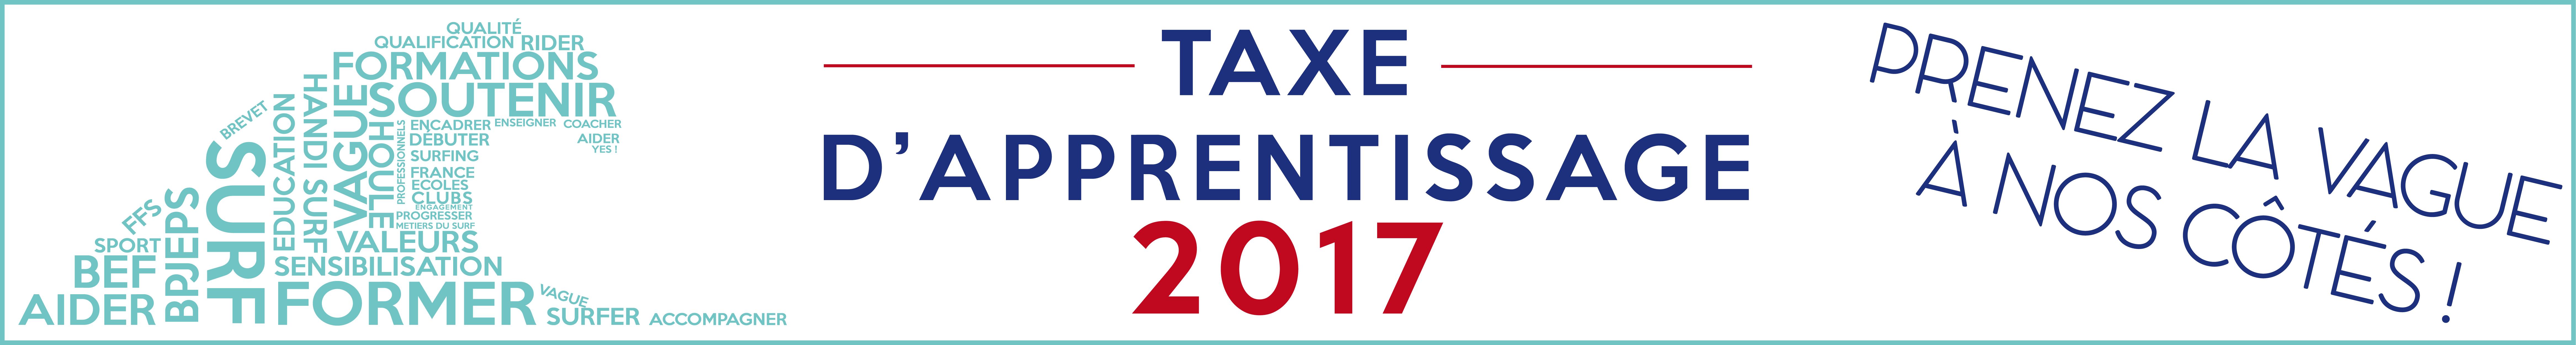 Taxe App 2017